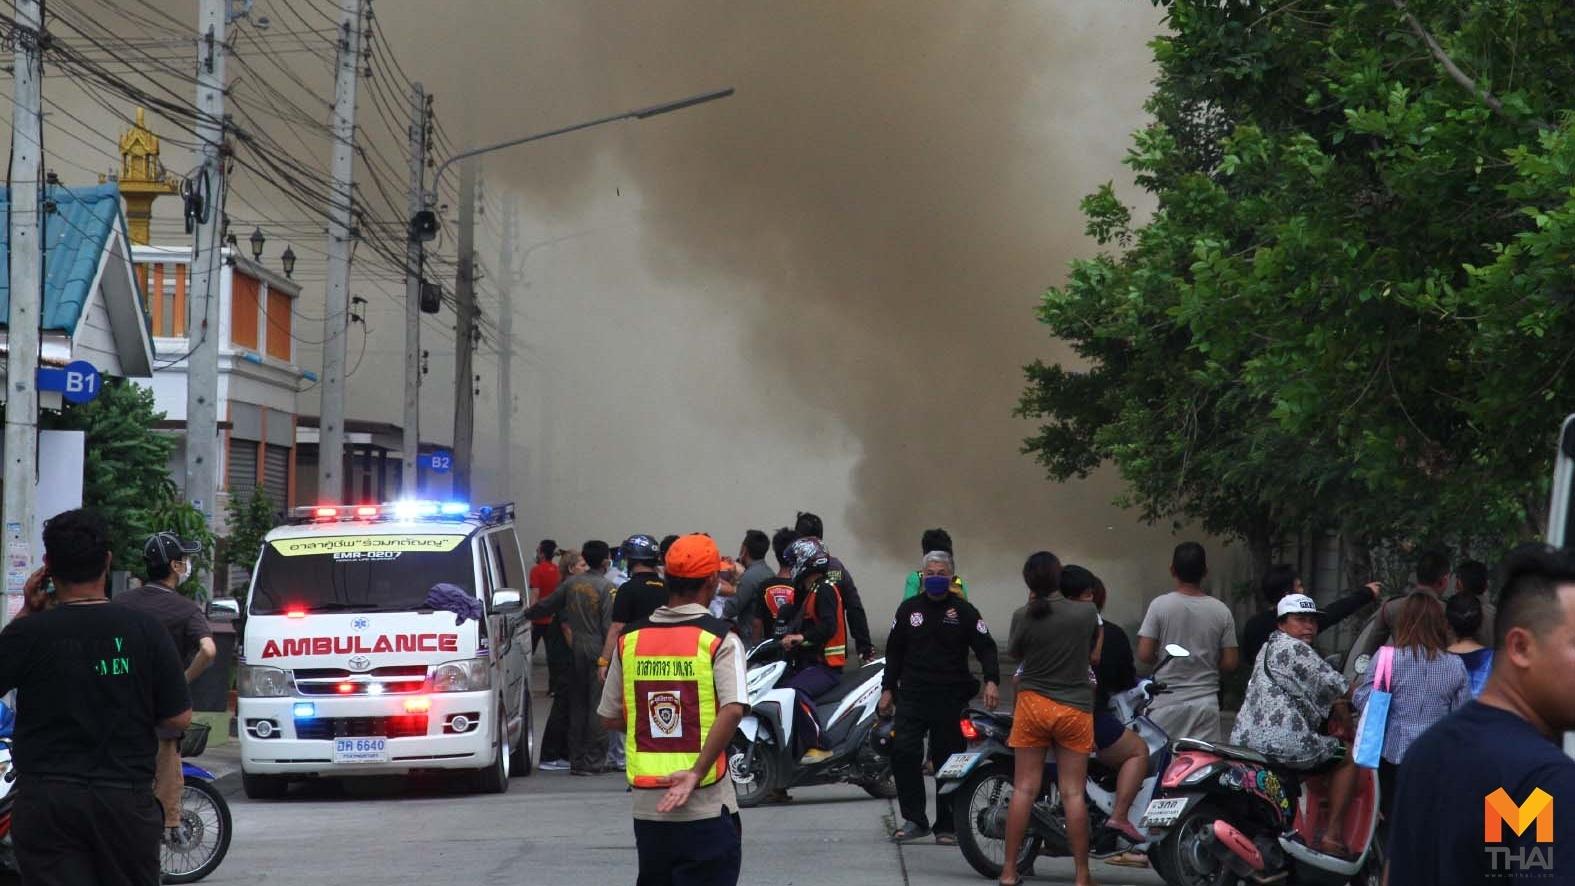 ข่าวภูมิภาค อพยพชาวบ้าน ไฟไหม้ ไฟไหม้ป่าหญ้า